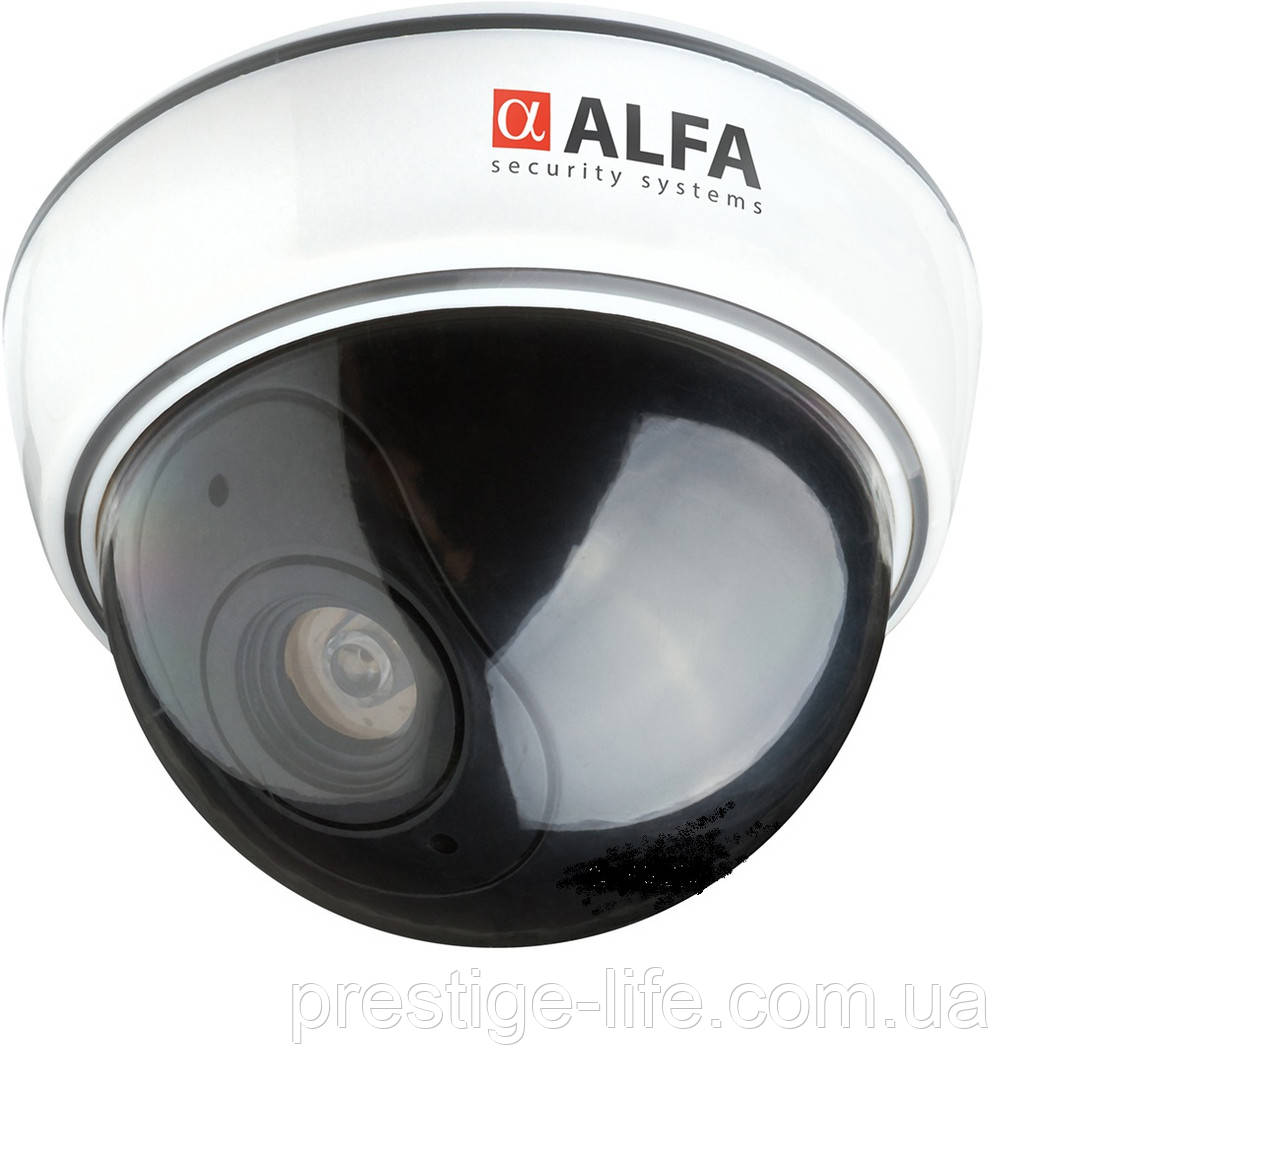 Муляж камеры Alfa Imitation 005 White